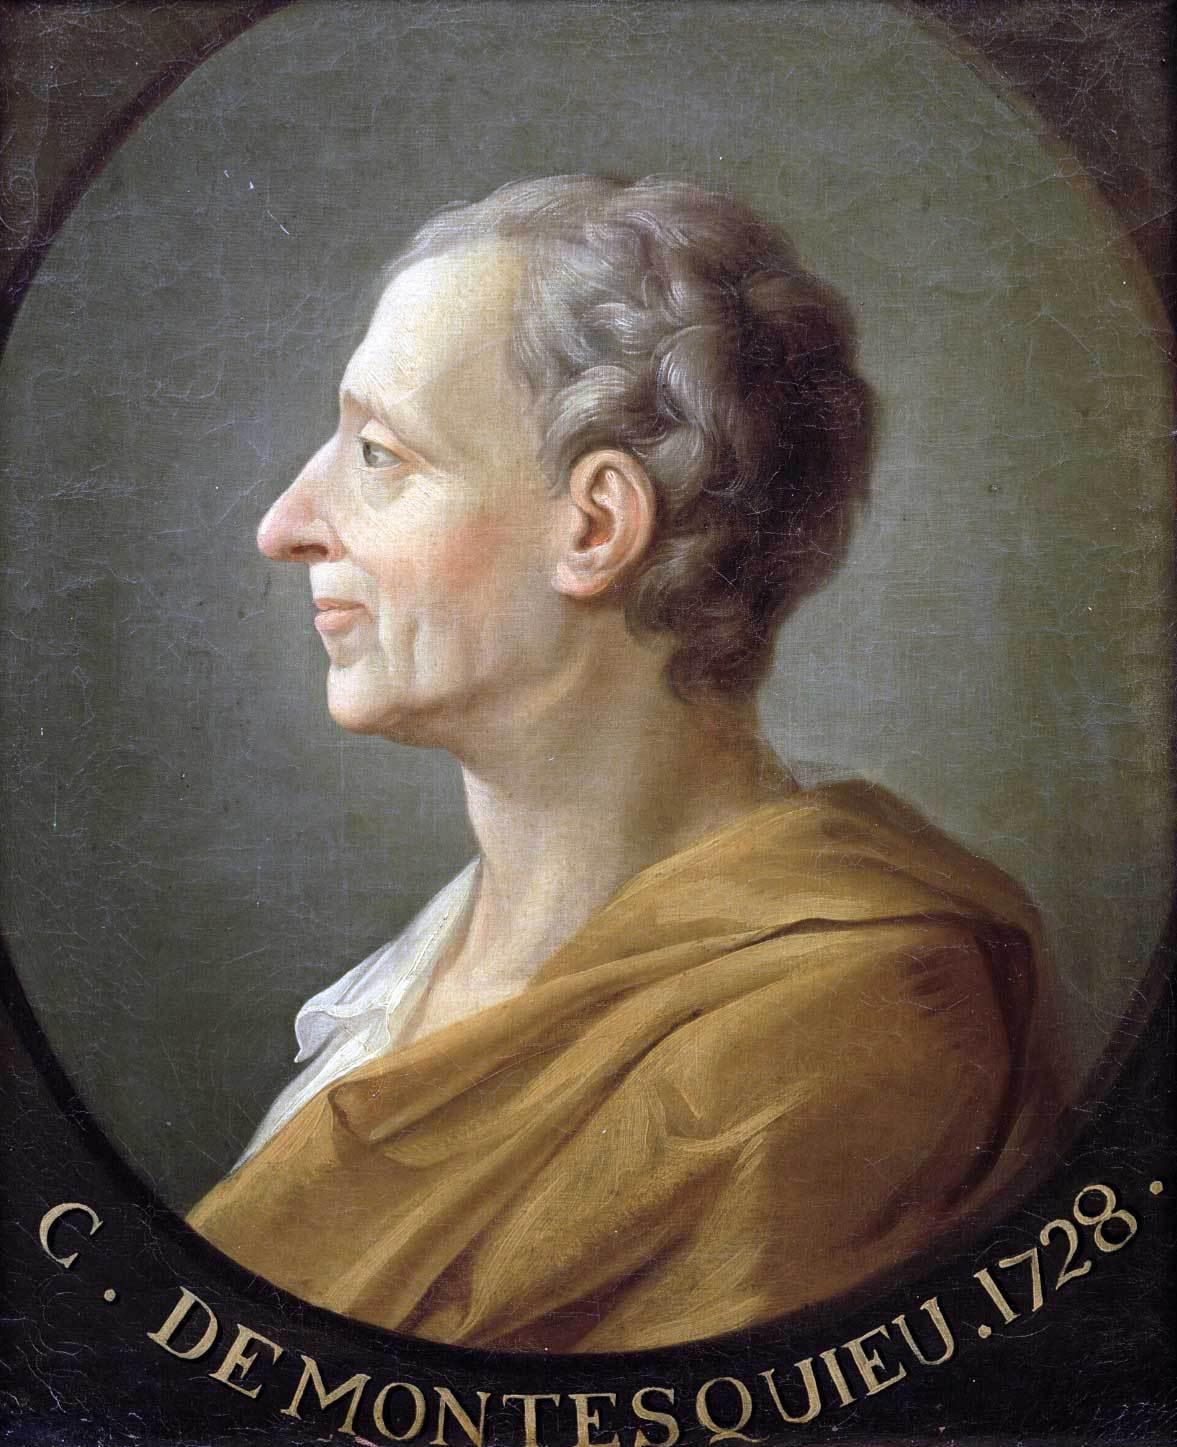 Pour Montesquieu, la vraie puissance n'est paséconomique